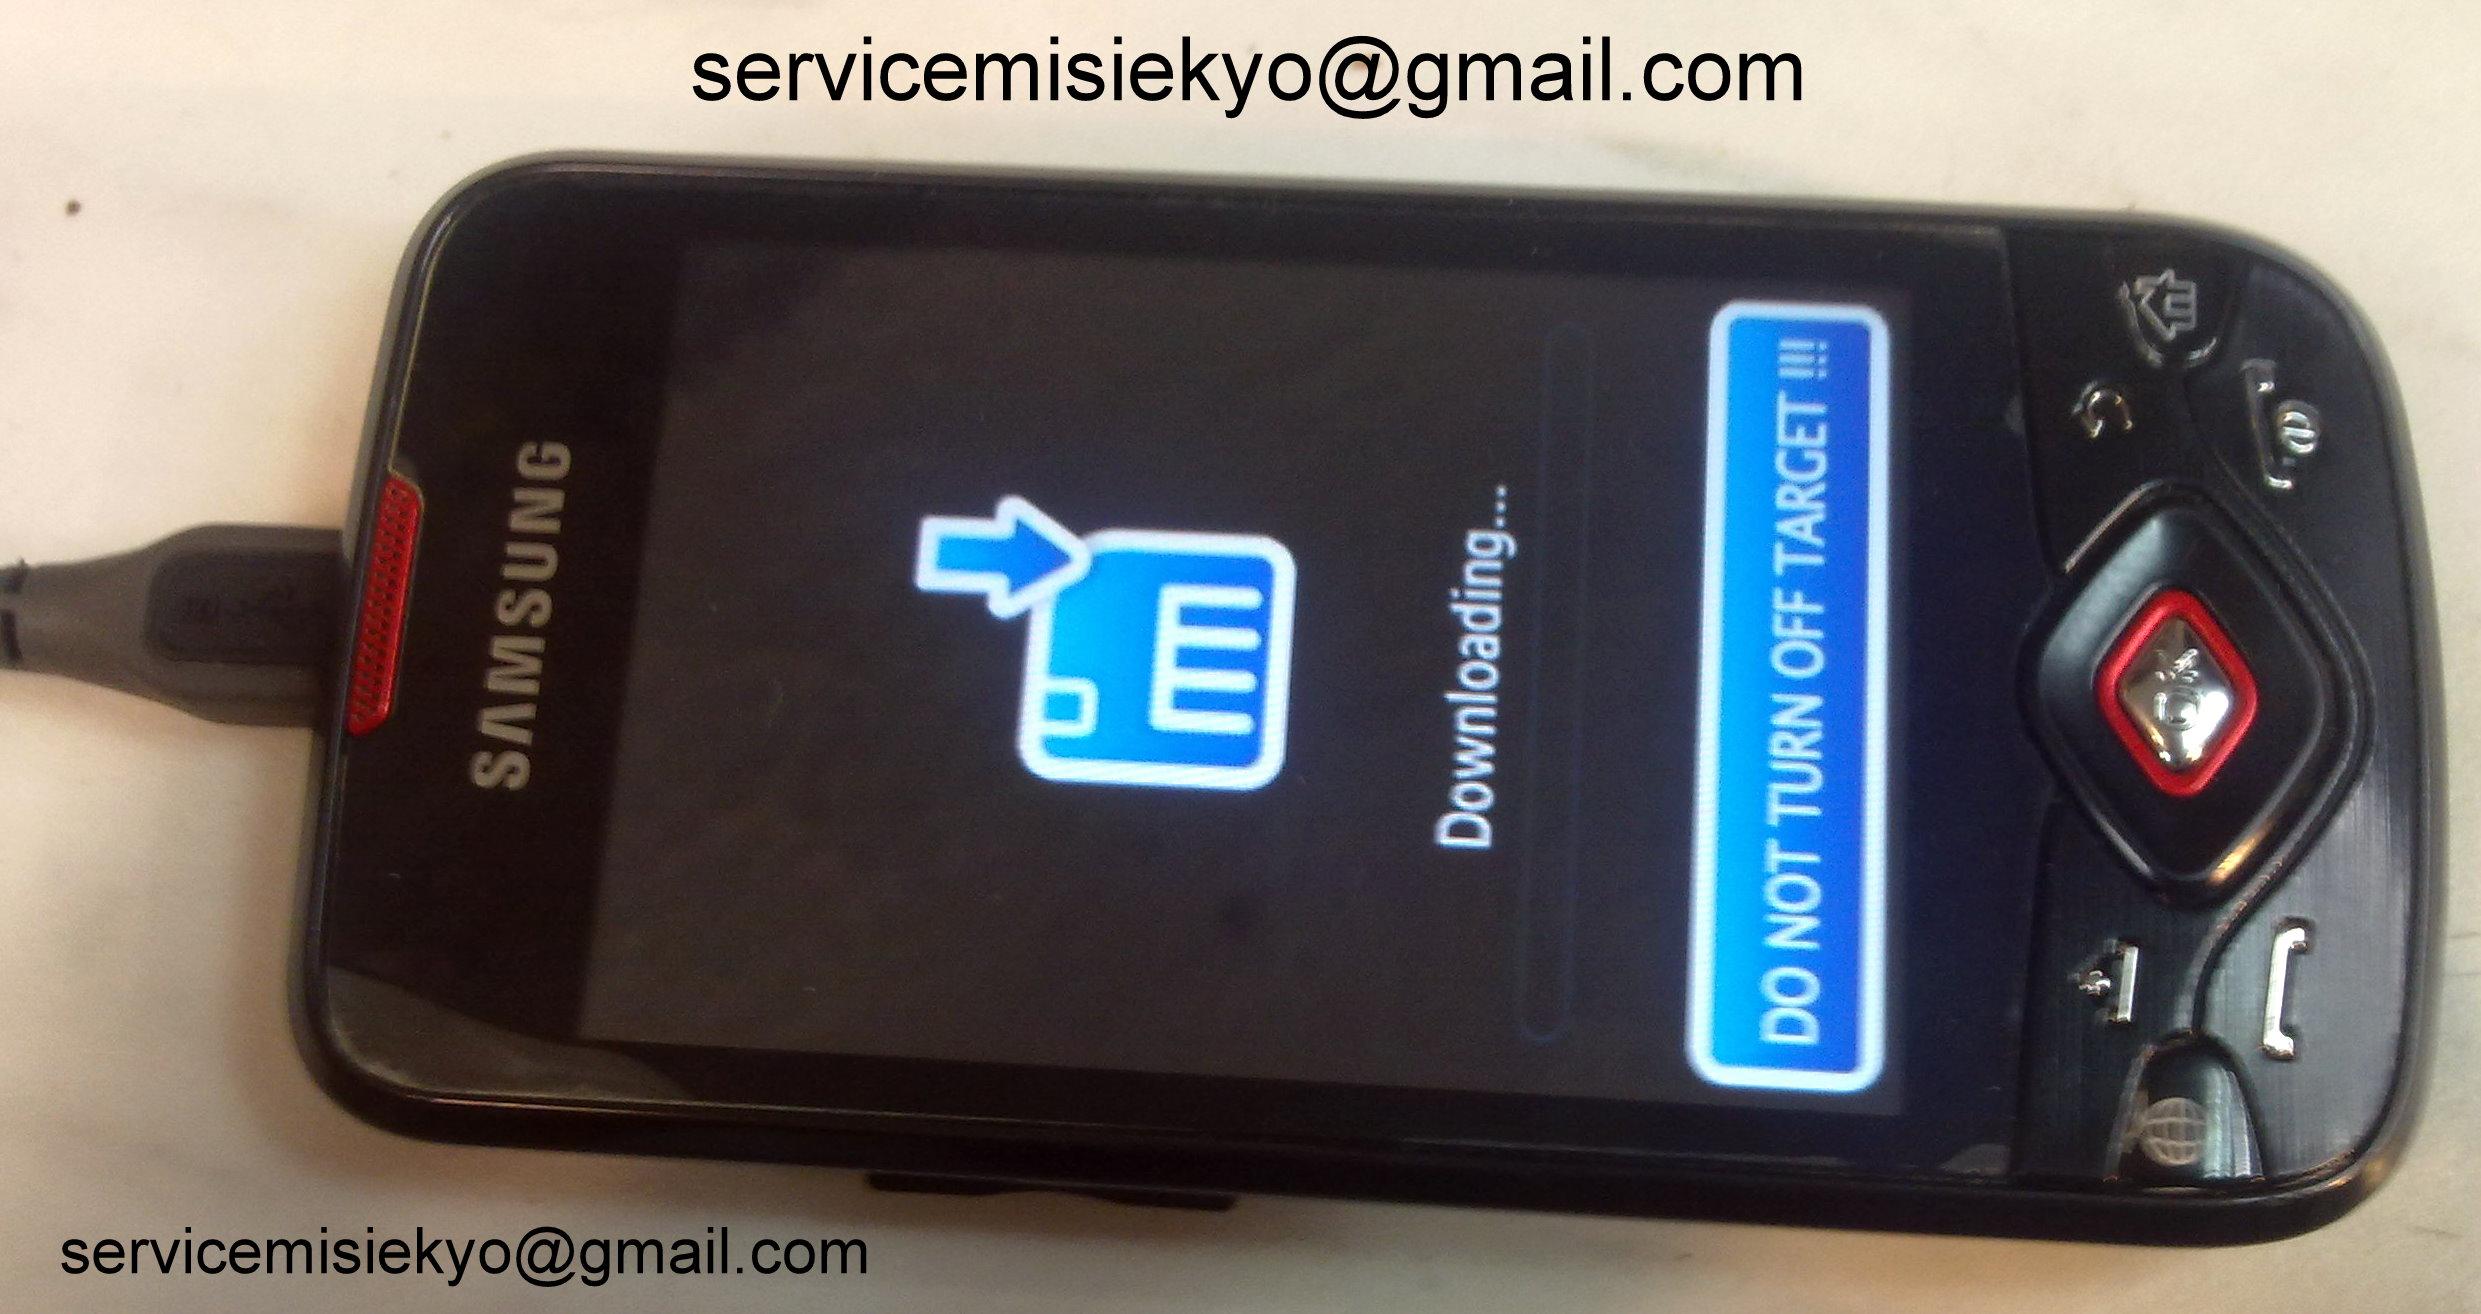 Instrukcja wgrywania nowego softu do Samsung i5700 Spica